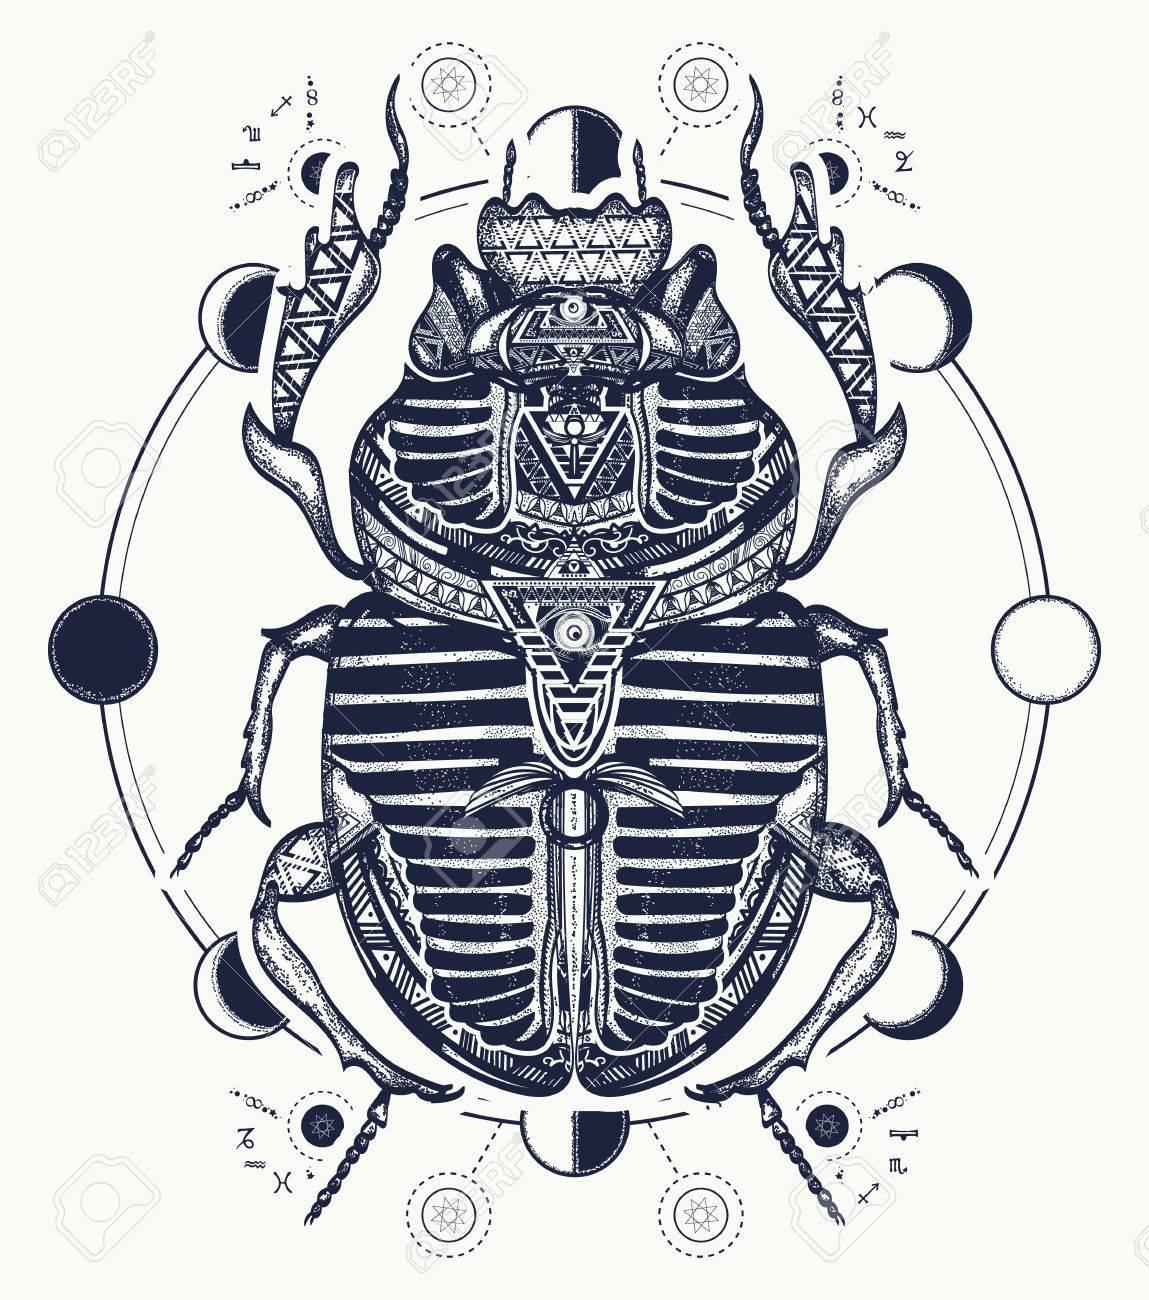 Symbole Du Scarabee Egyptien Du Pharaon Les Dieux Ra Le Soleil